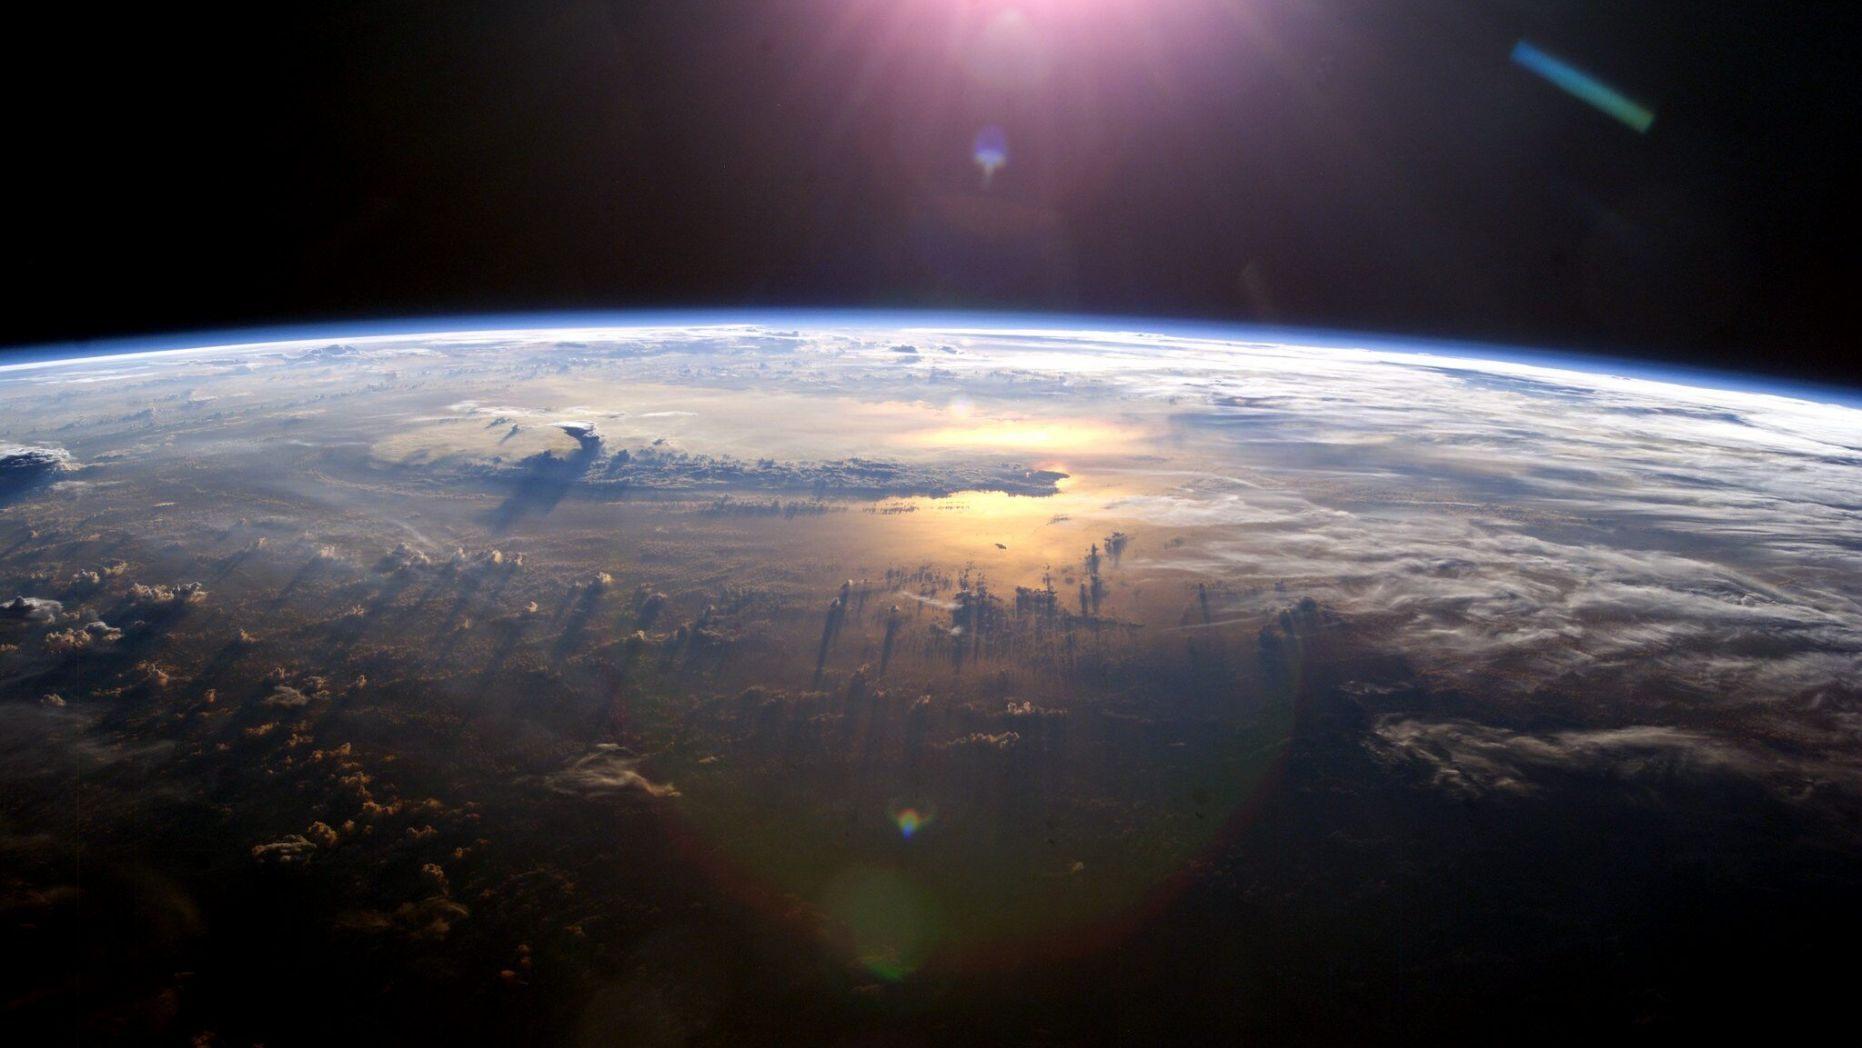 圖為太陽照射到太平洋時的地球地平線視圖。這張照片是由國際空間站上的Expedition 7機組人員拍攝的檔案圖片。(NASA)